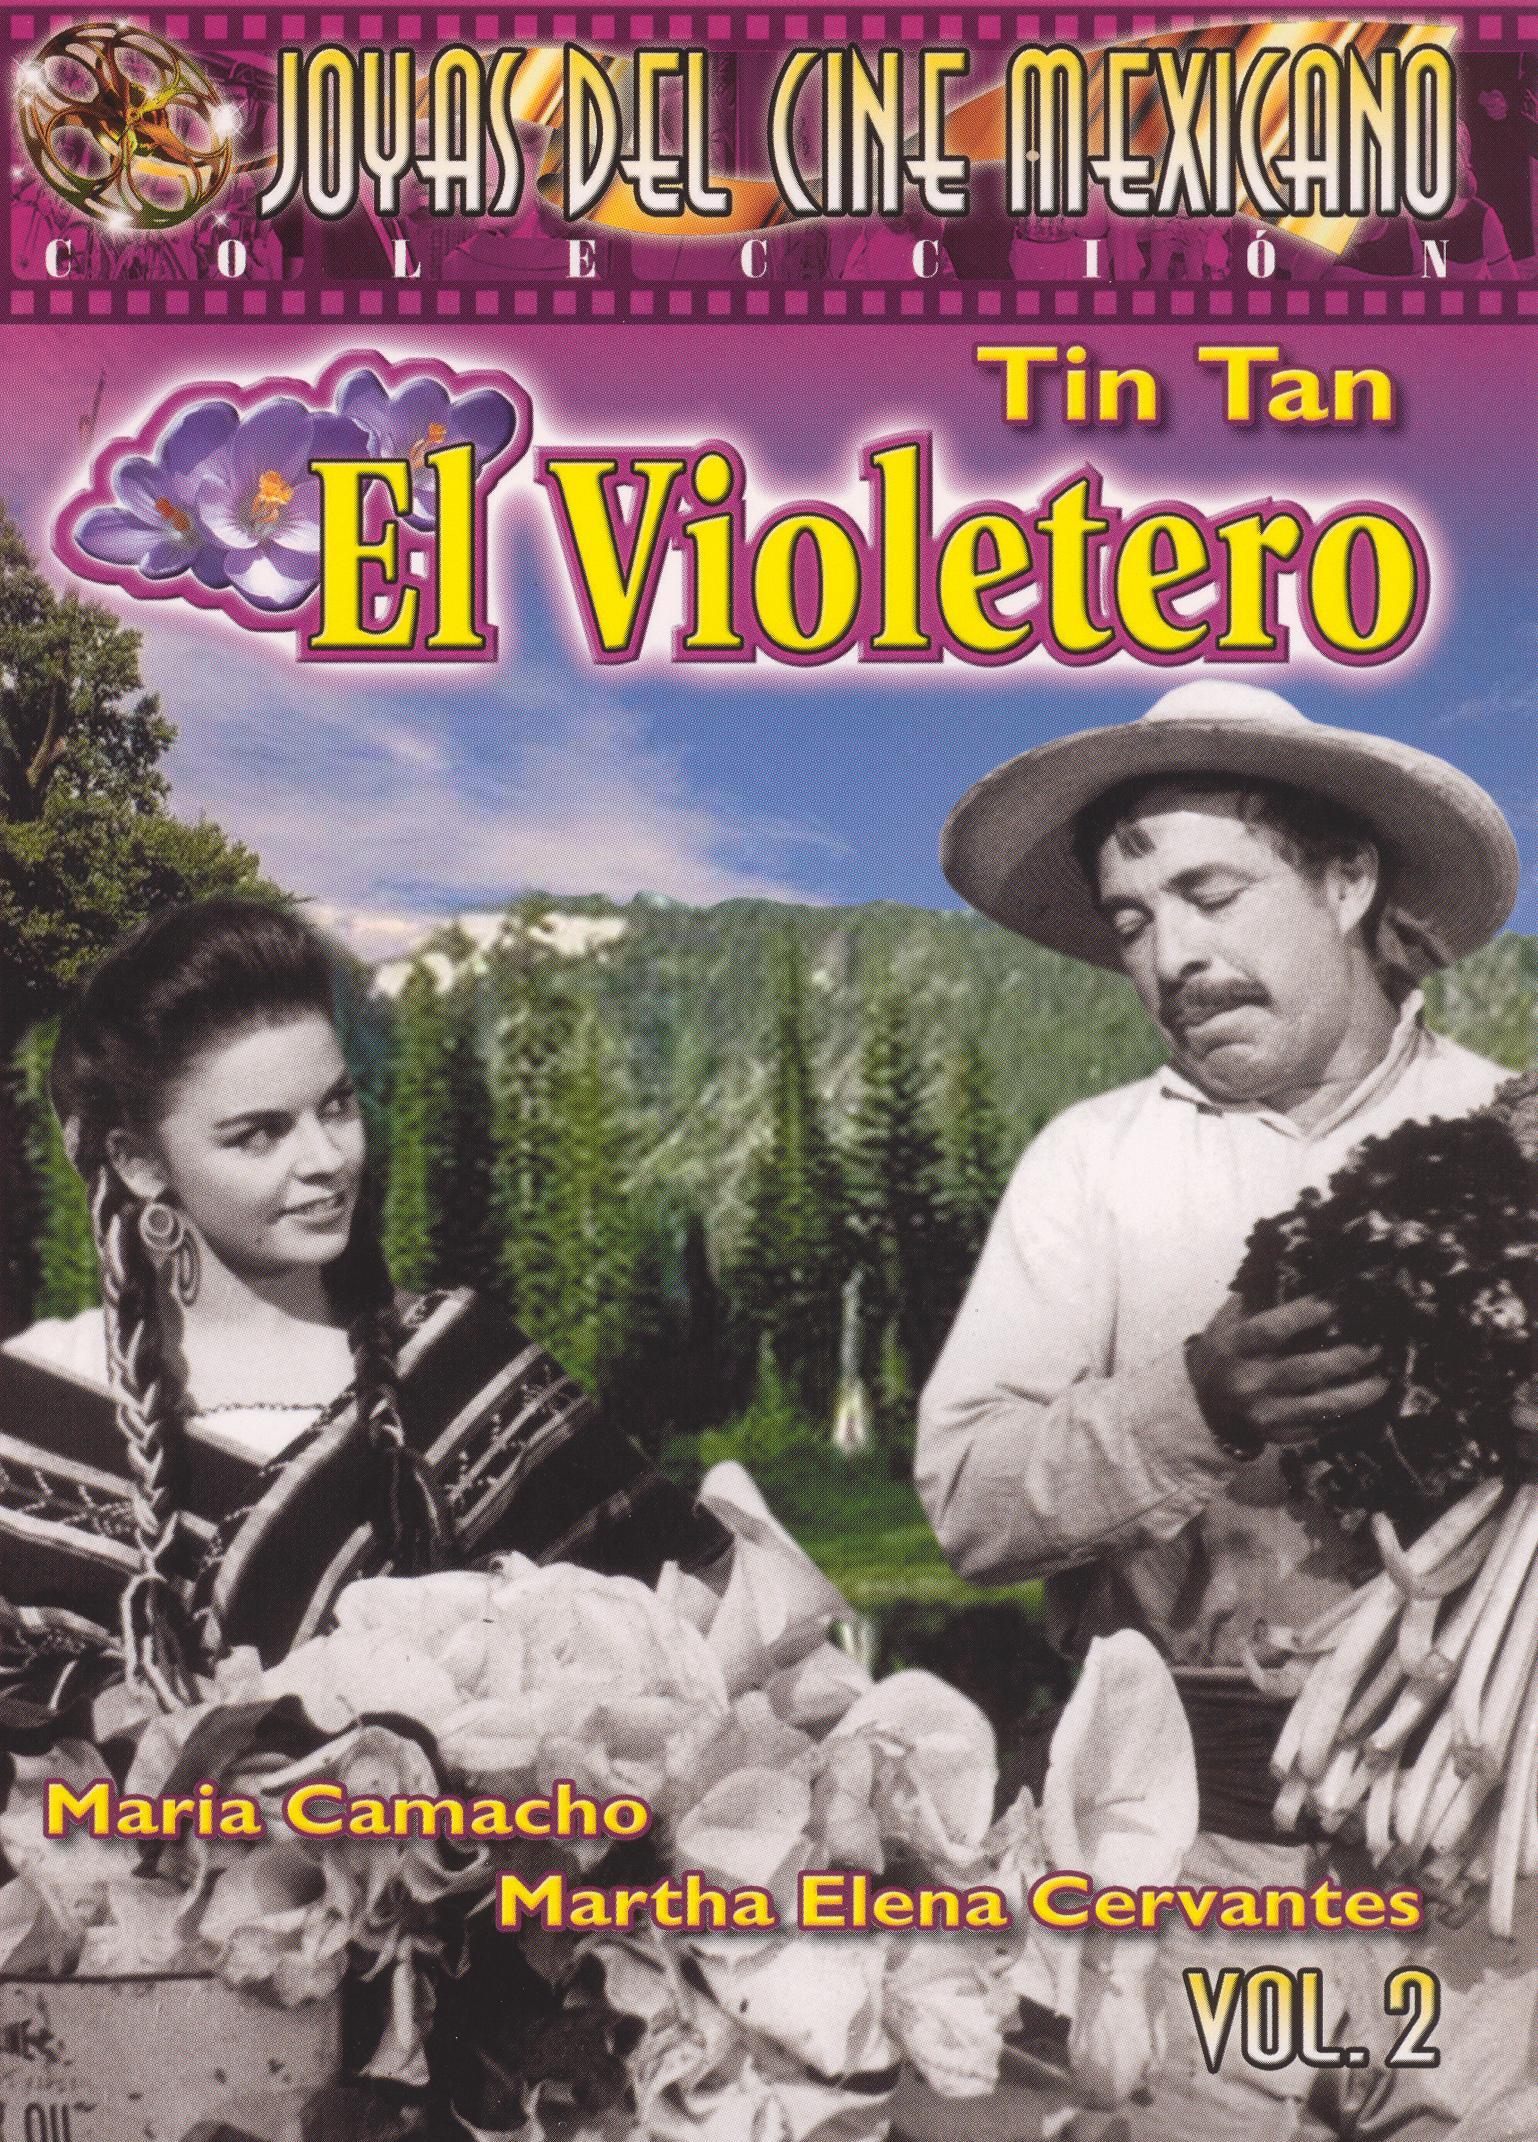 El Violetero